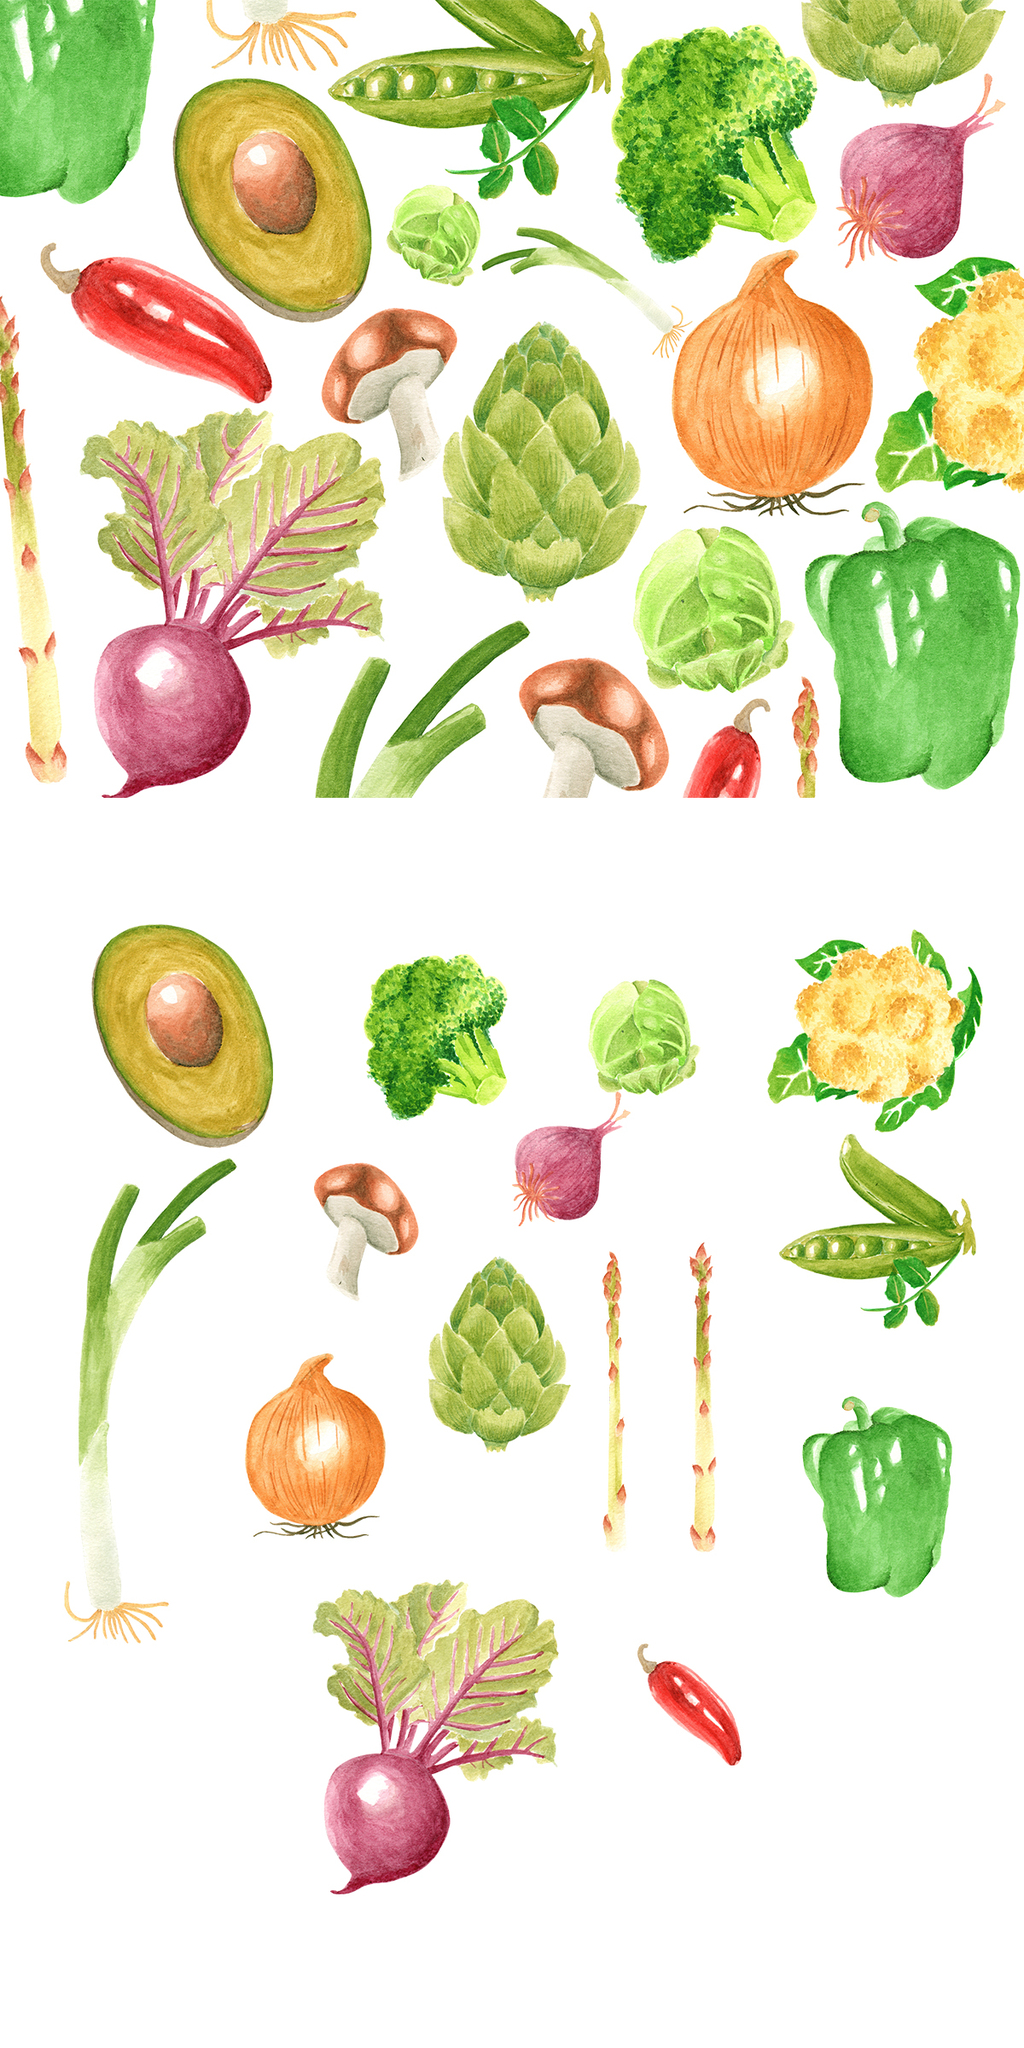 其他 > 蔬菜水果手绘素材png   图片编号:27133519 文件格式:psd 颜色